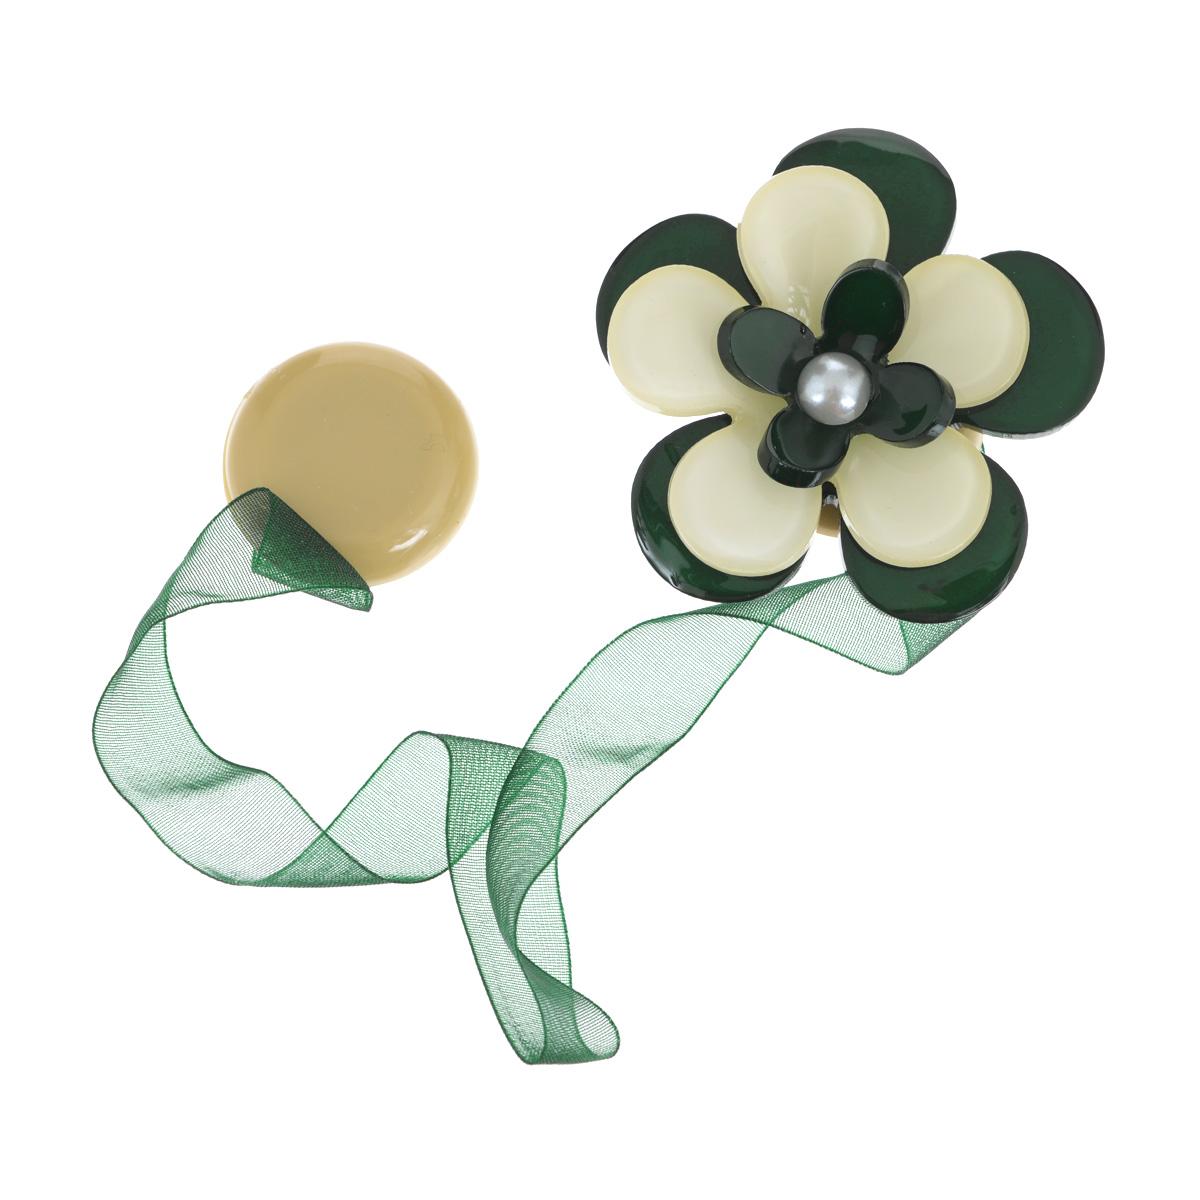 """Клипса-магнит """"Calamita Fiore"""", изготовленная из пластика и полиэстера, предназначена для придания формы шторам. Изделие представляет собой два магнита, расположенные на разных концах текстильной ленты. Один из магнитов оформлен декоративным цветком. С помощью такой магнитной клипсы можно зафиксировать портьеры, придать им требуемое положение, сделать складки симметричными или приблизить портьеры, скрепить их.  Клипсы для штор являются универсальным изделием, которое превосходно подойдет как для штор в детской комнате, так и для штор в гостиной. Следует отметить, что клипсы для штор выполняют не только практическую функцию, но также являются одной из основных деталей декора, которая придает шторам восхитительный, стильный внешний вид. Диаметр декоративного цветка: 5 см. Длина ленты: 28 см."""